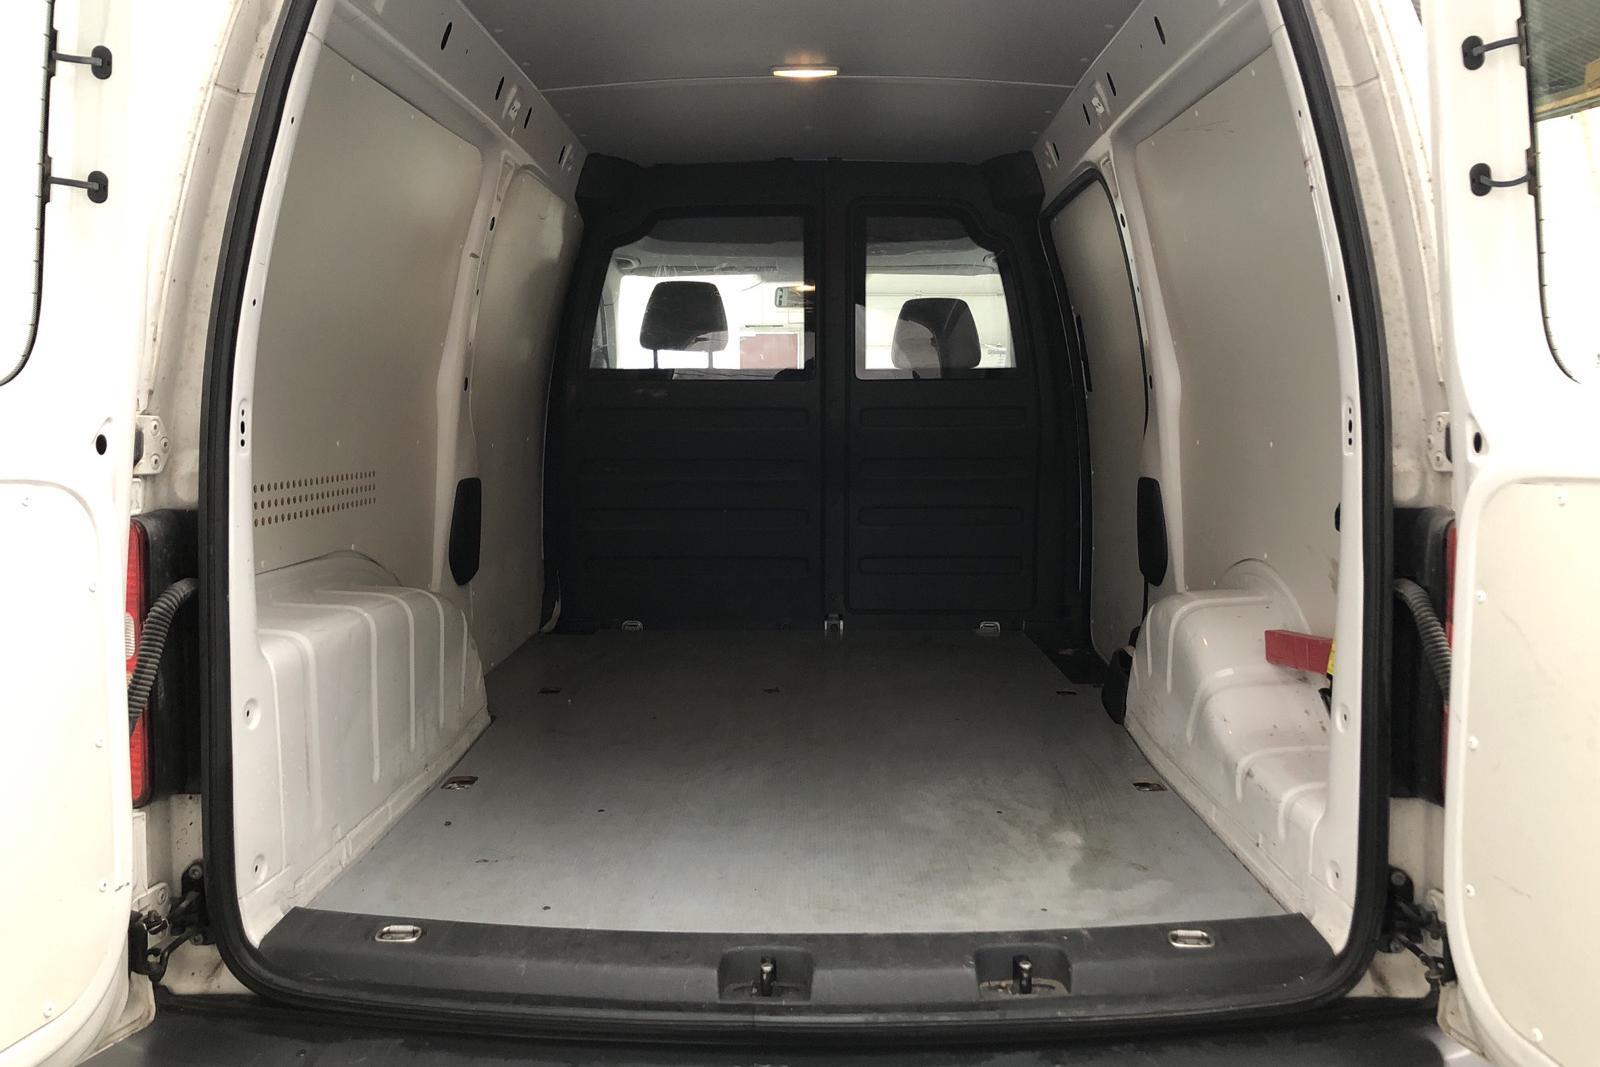 VW Caddy 1.6 TDI Maxi Skåp (102hk) - 99 660 km - Manual - white - 2012